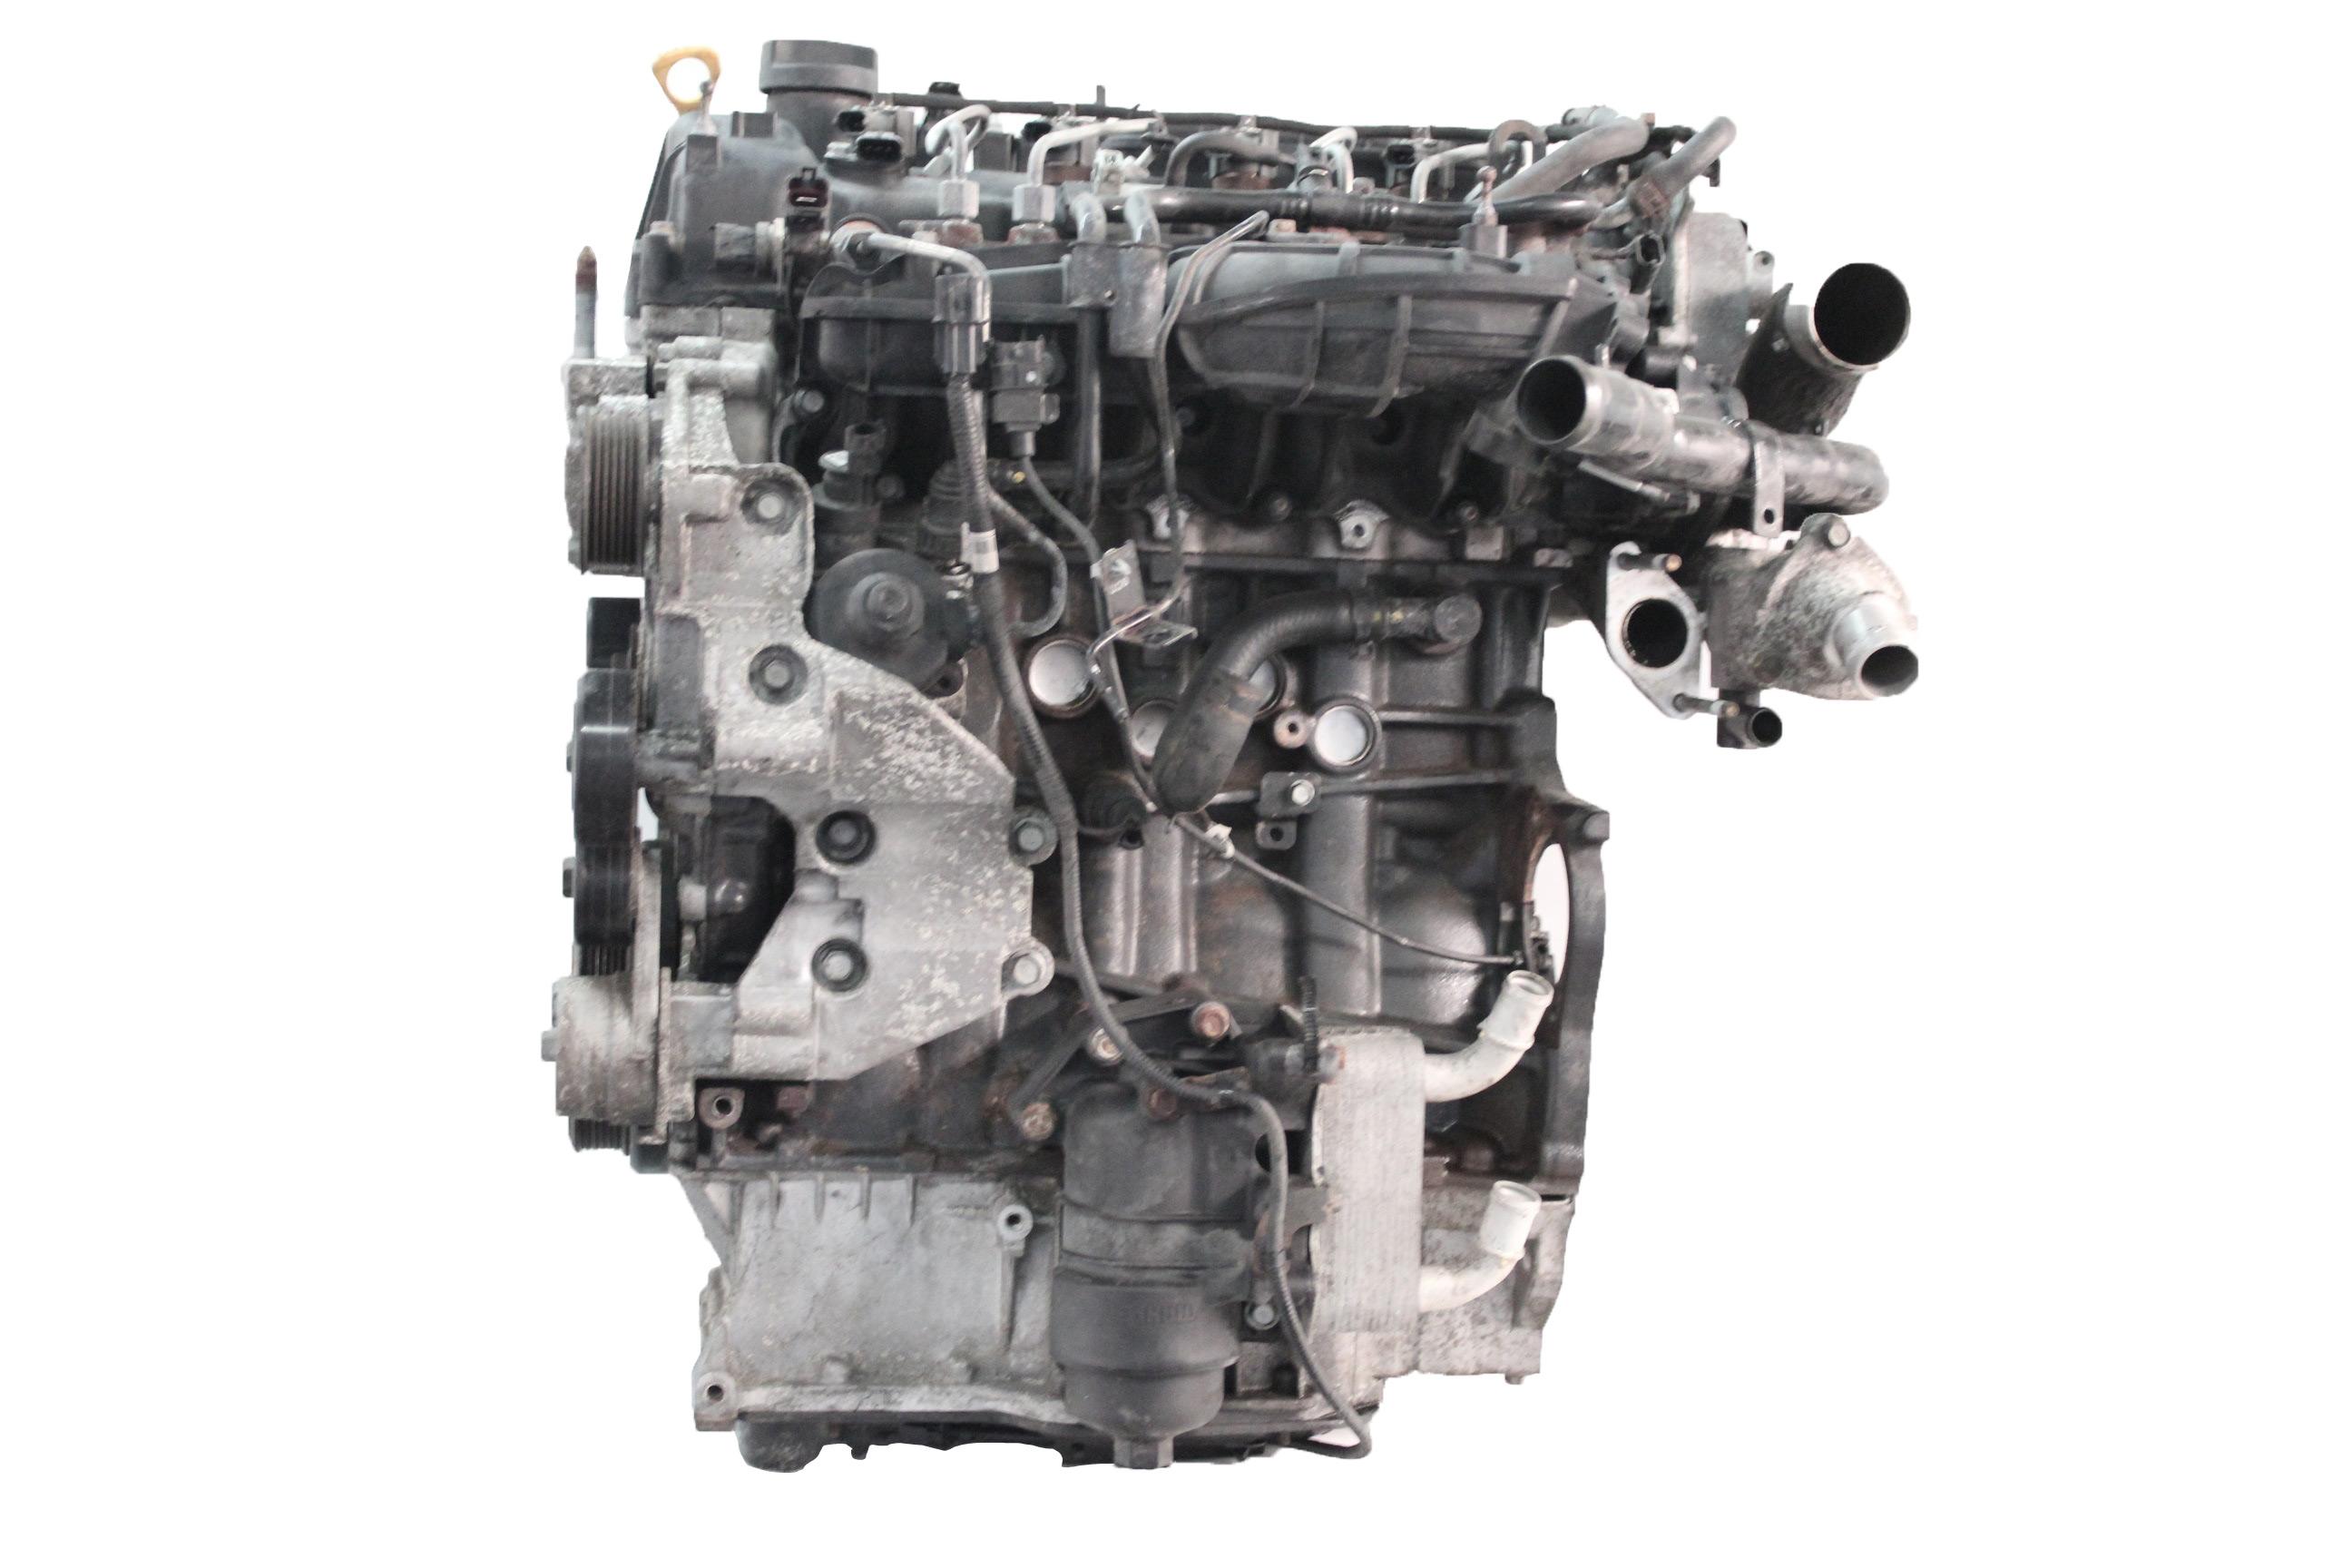 Motor Hyundai Kia Santa ix35 Sorento Sportage Tucson 2,0 CRDi Diesel D4HA